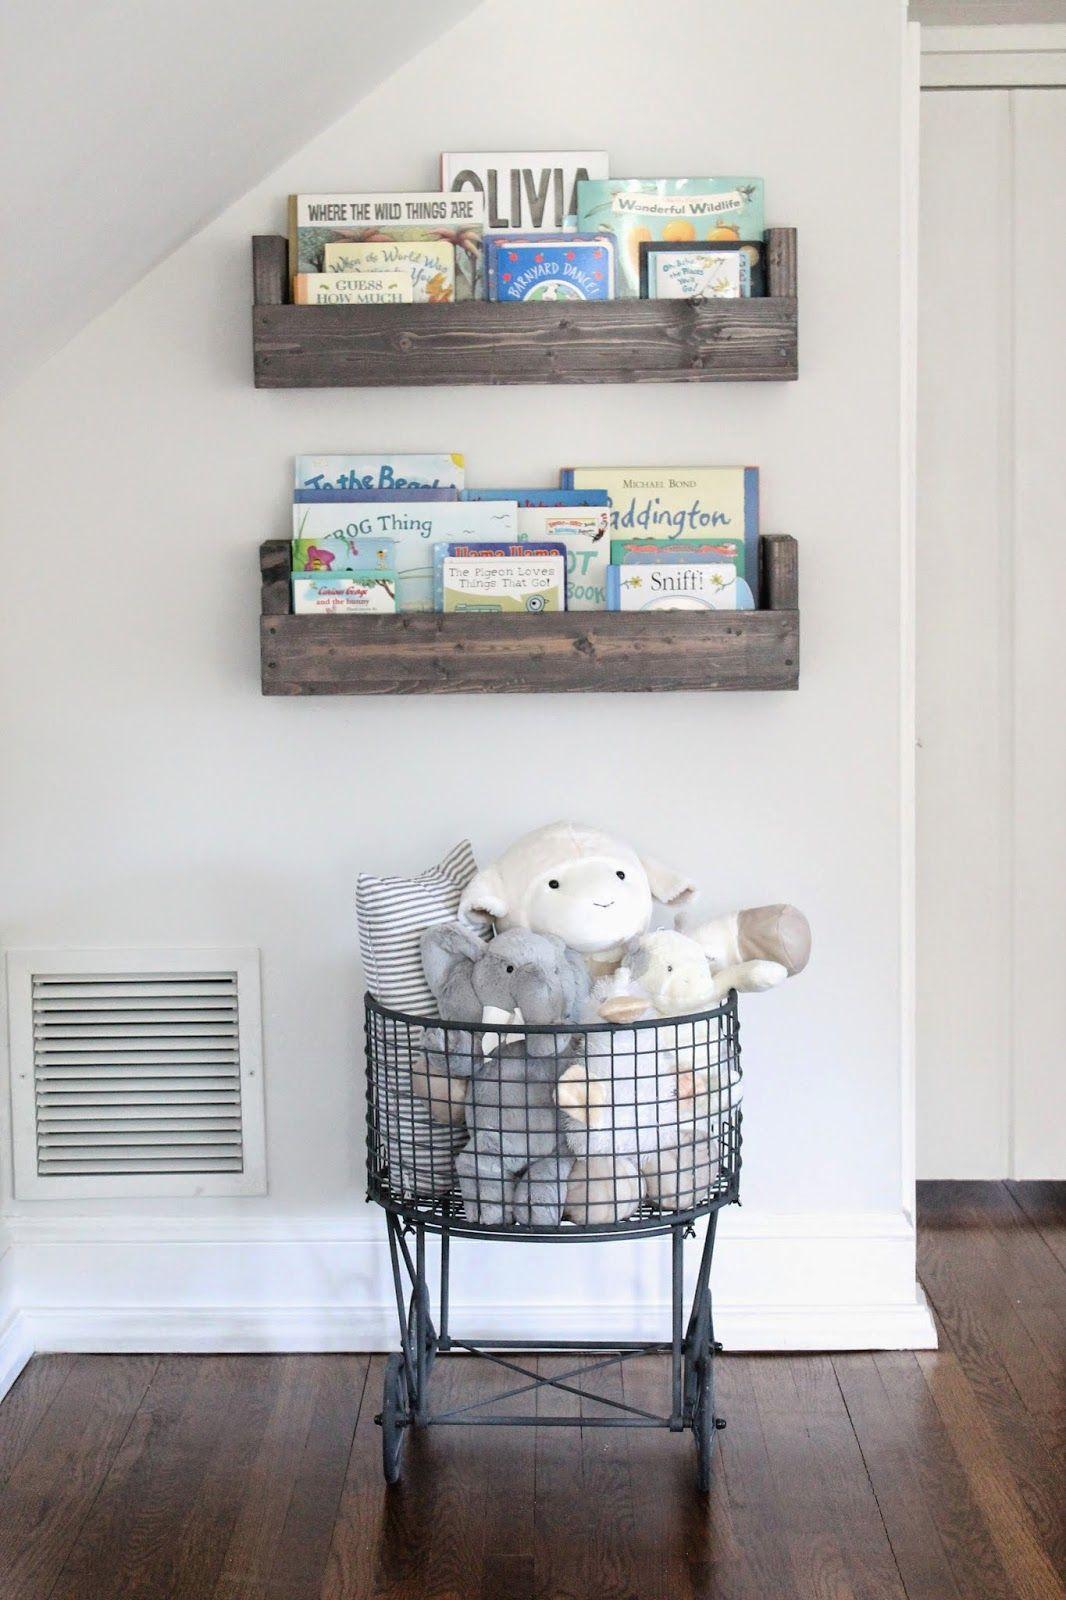 diy nursery bookshelves | kiddos & cute things | pinterest | nursery